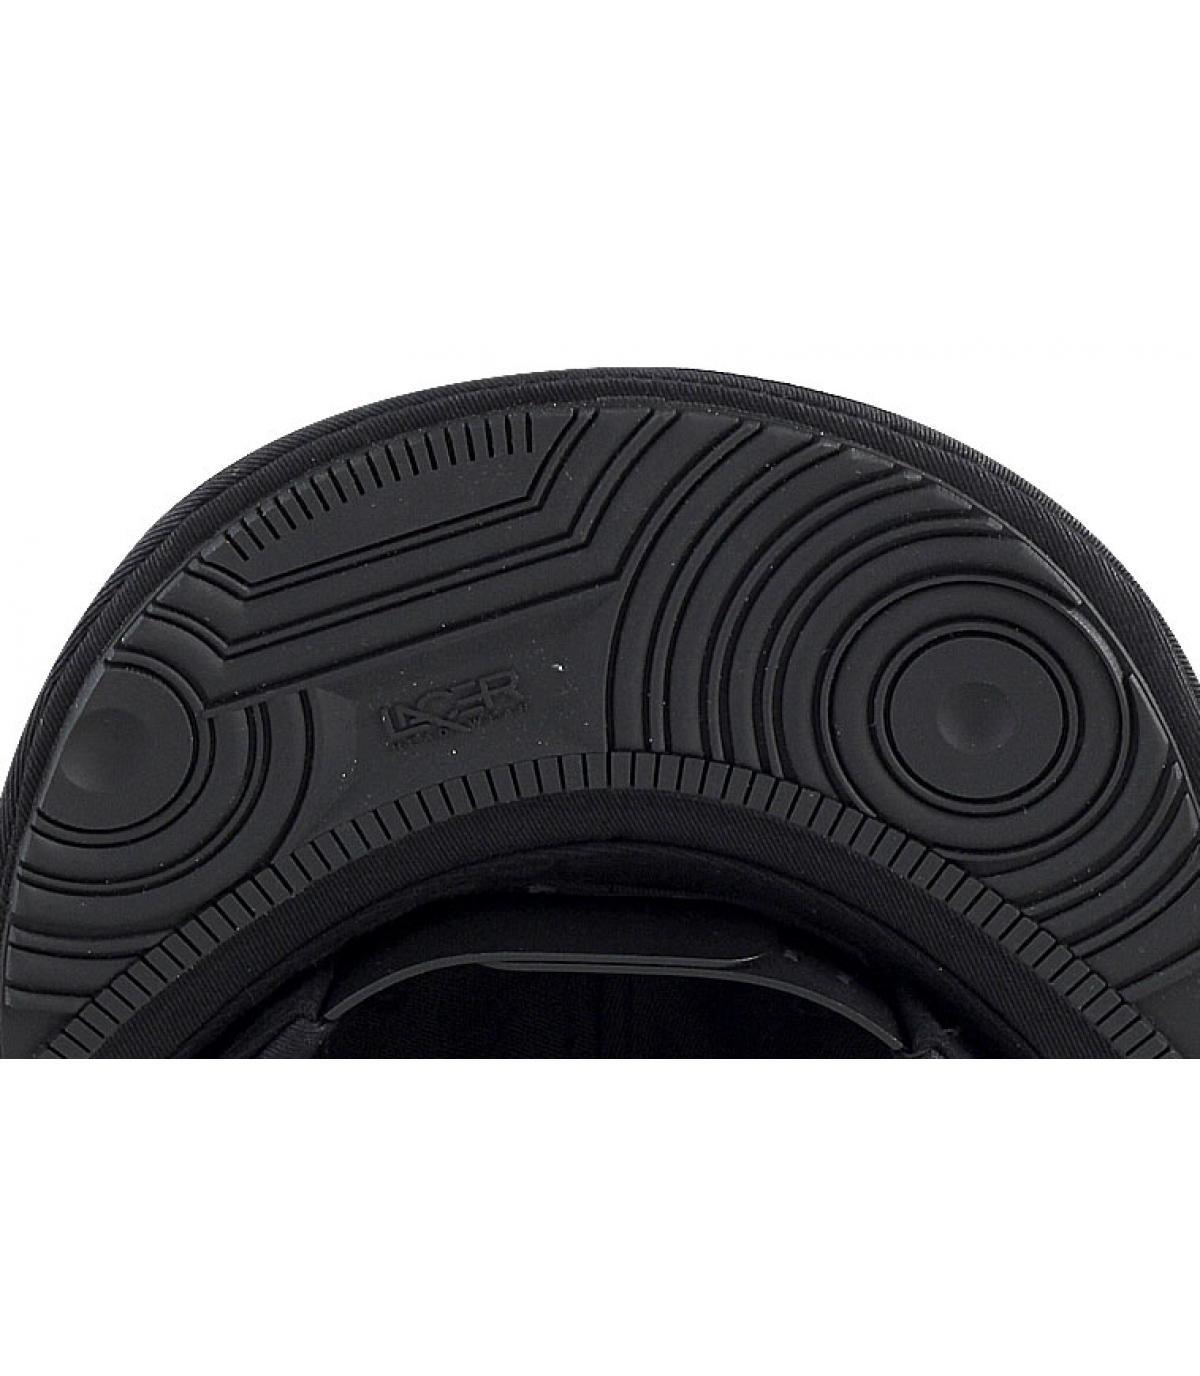 Détails Snapback Lacer black sole - image 4